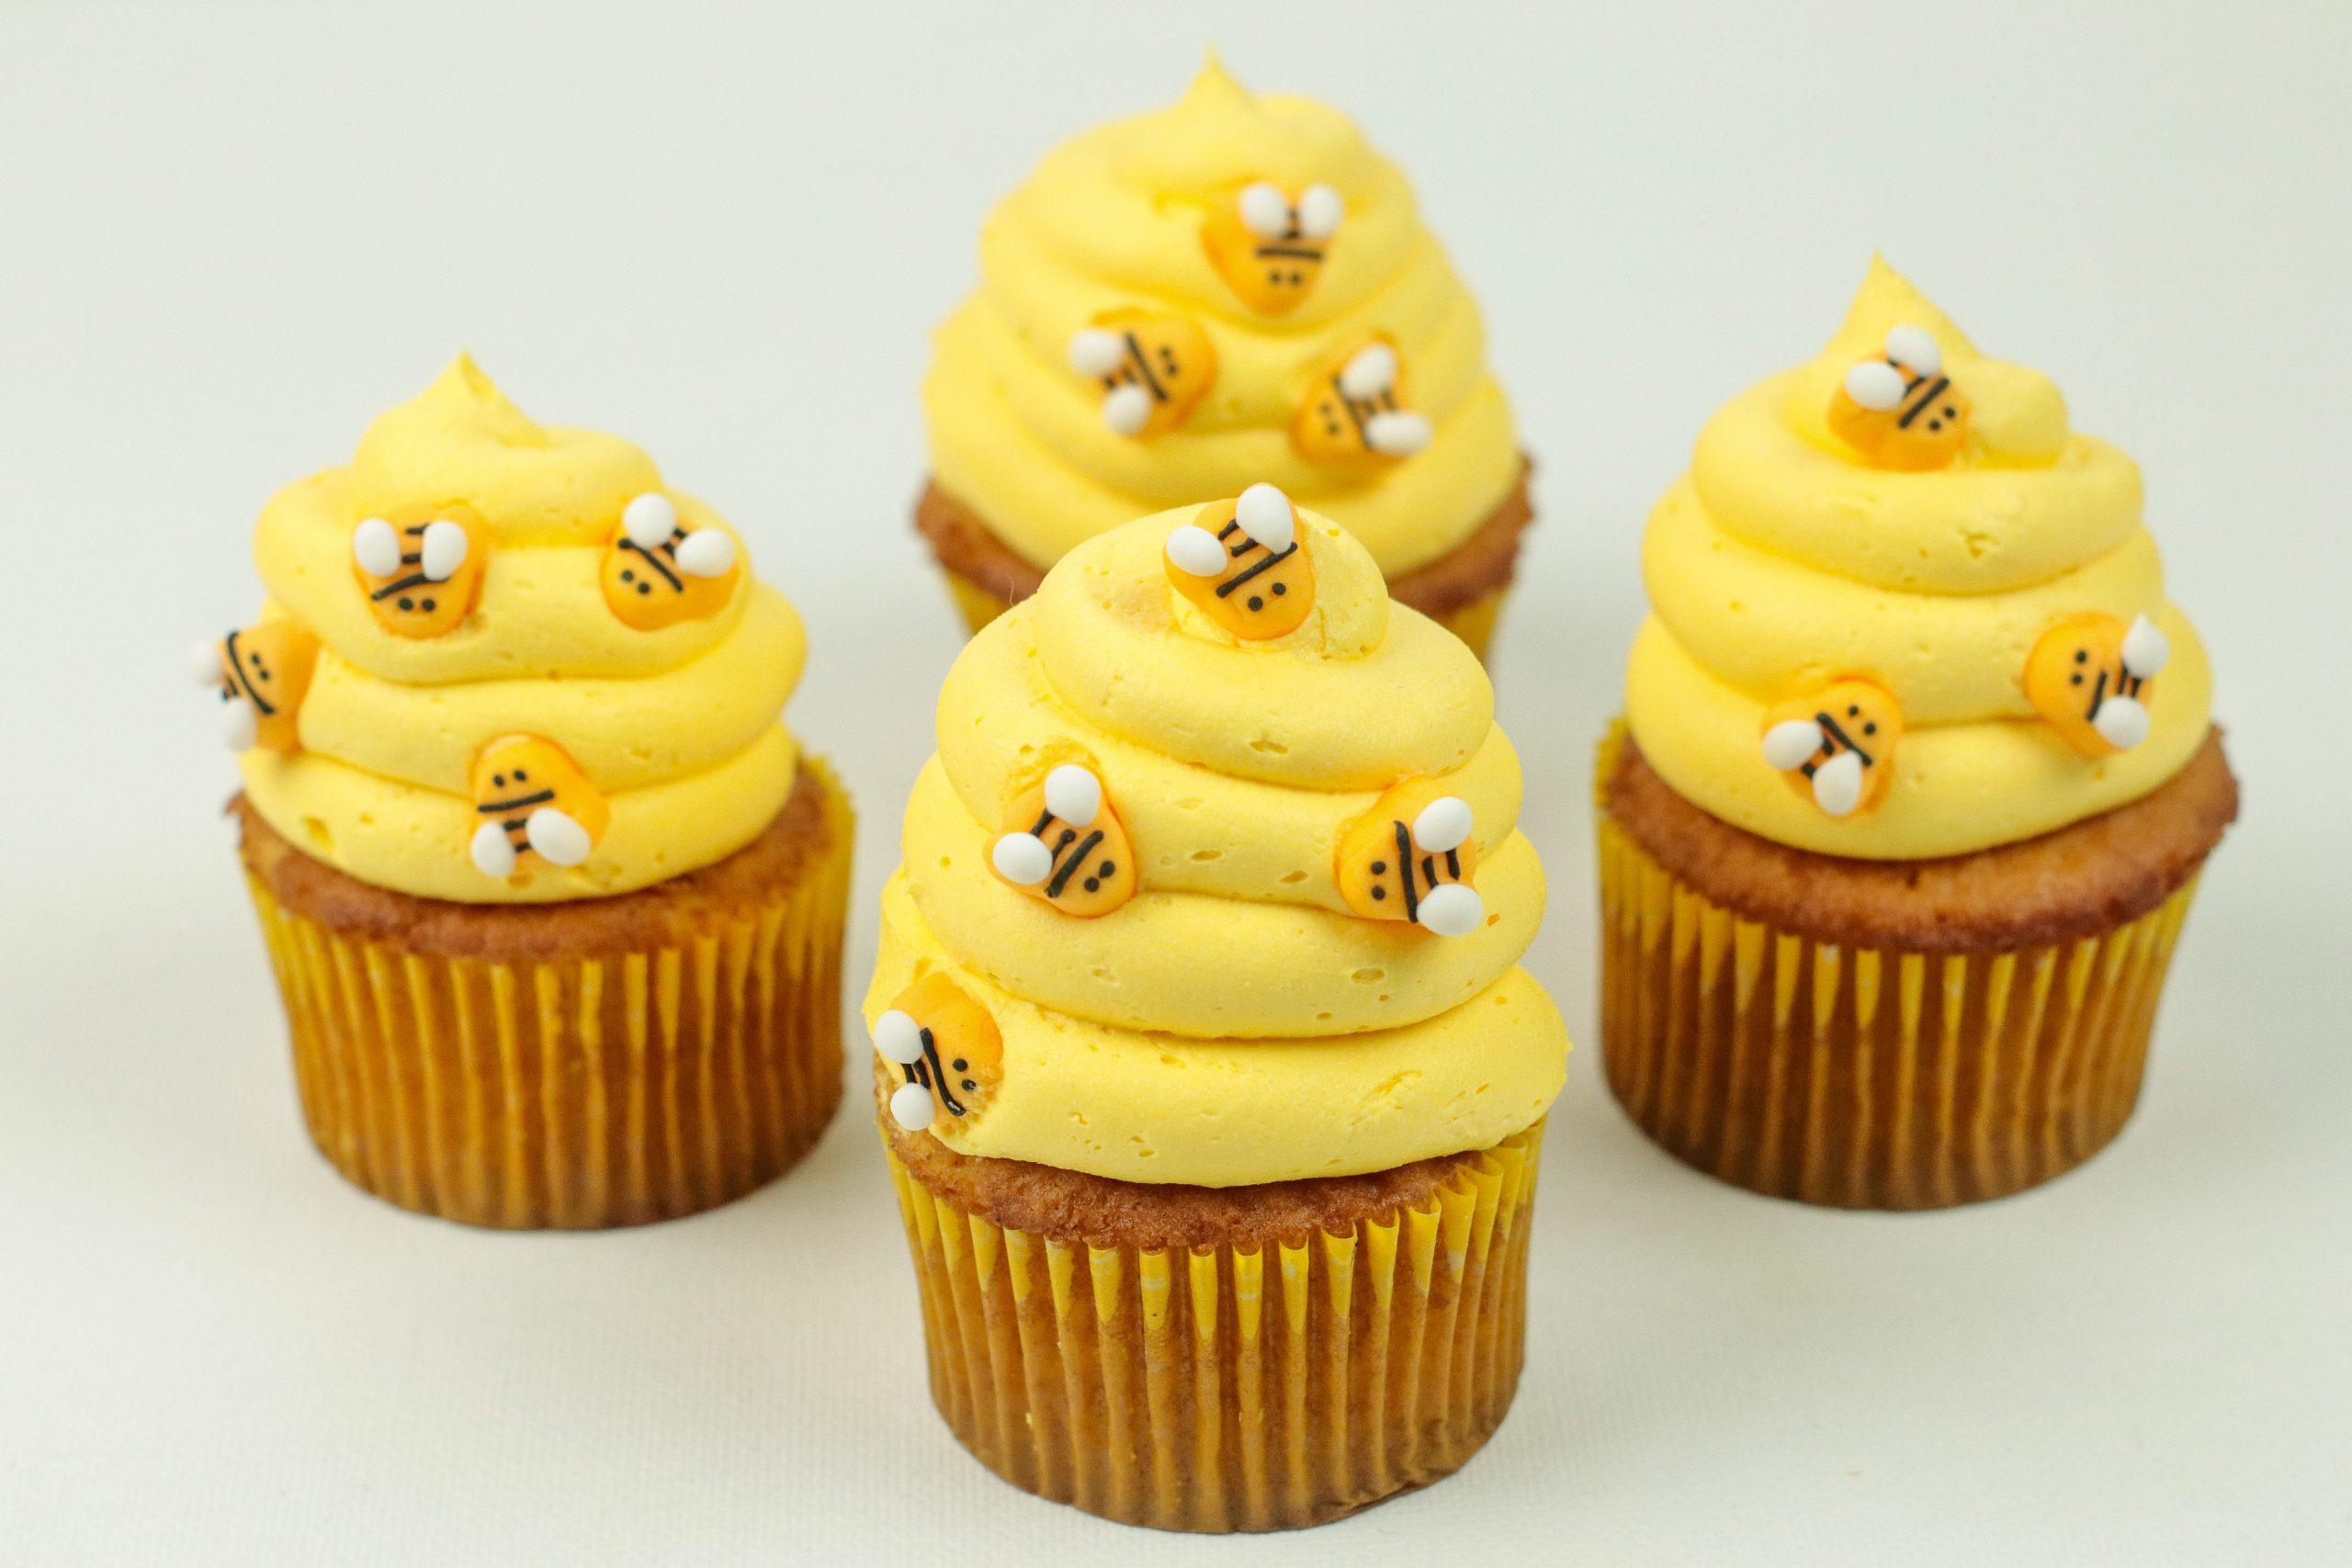 Four Honey Cinnamon Bumblebee Cupcakes on a table.